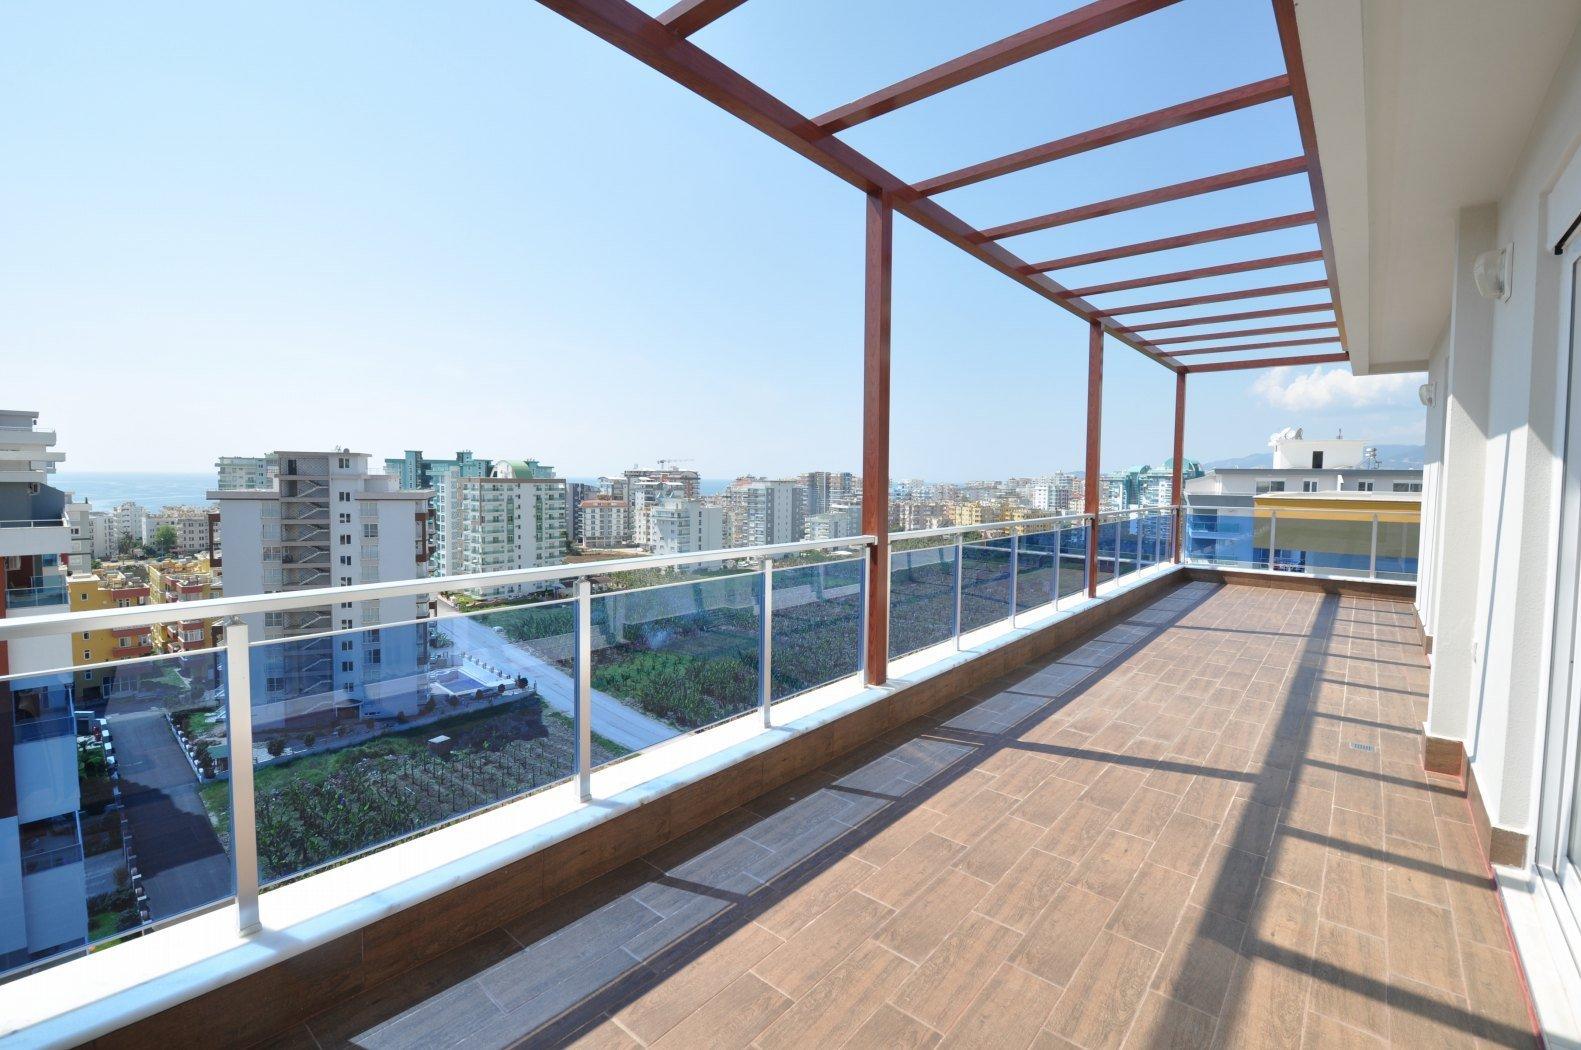 4+1 Пентхаус класса люкс с великолепным панорамным видом на горы и море в комплексе с инфраструктурой